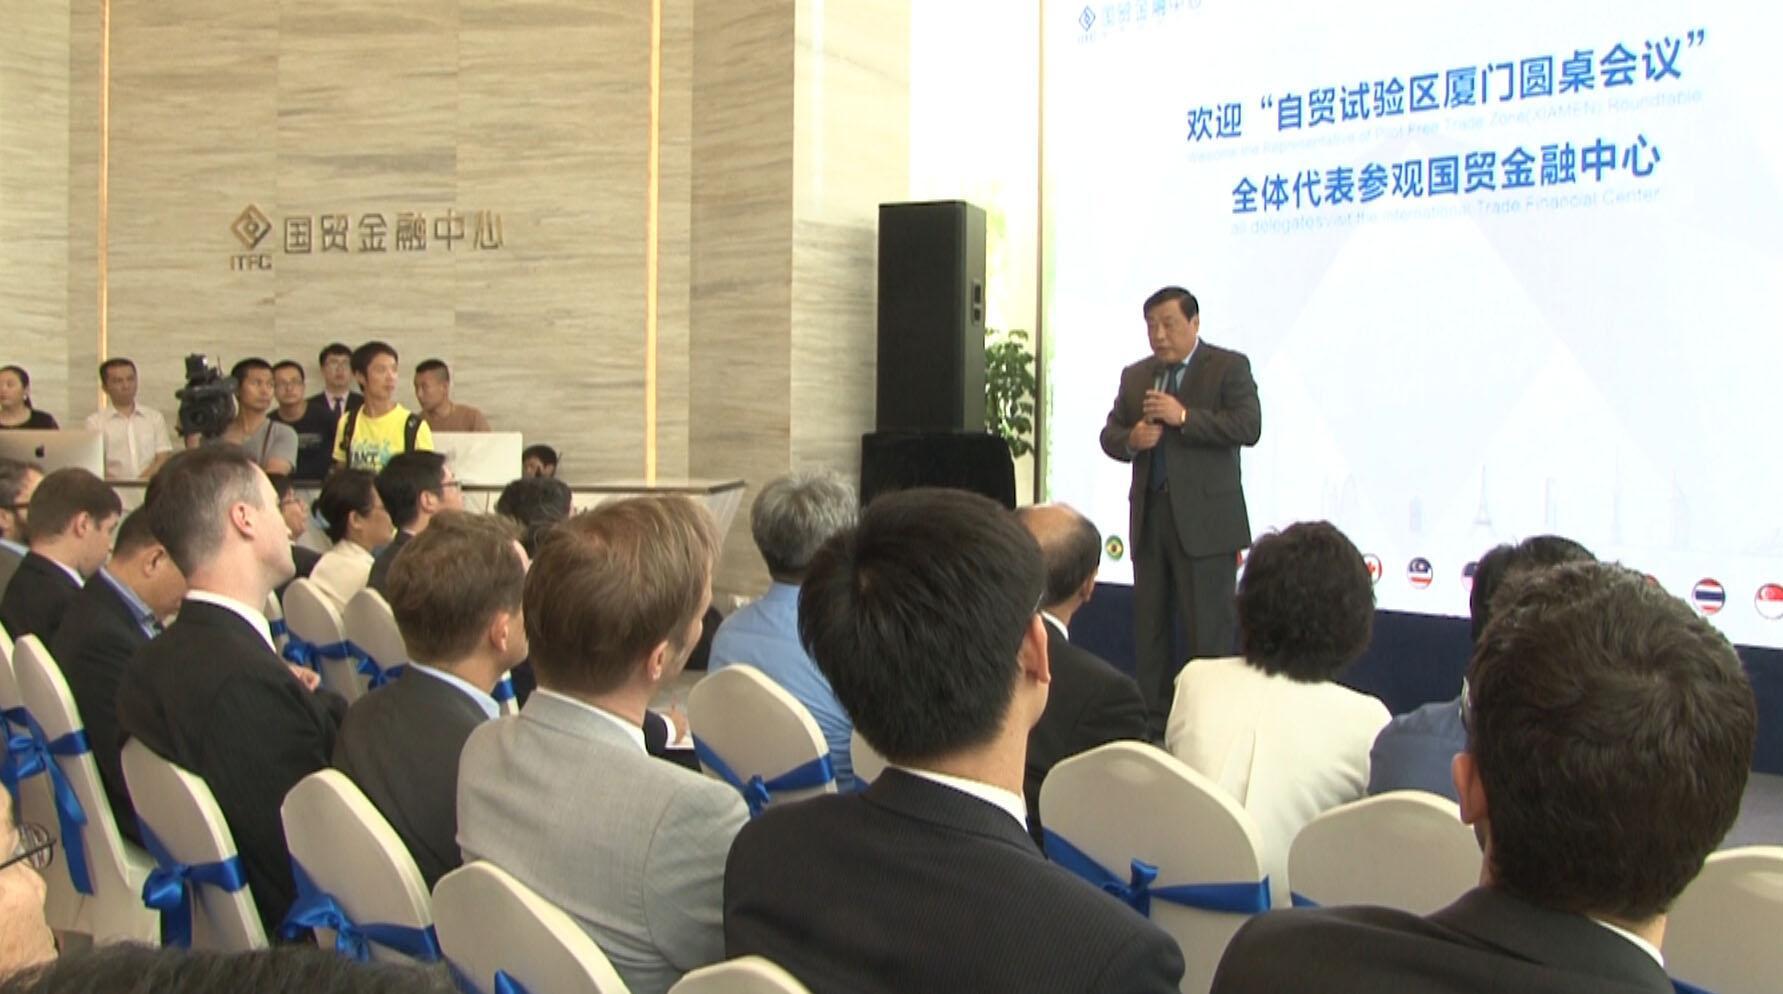 国贸金融中心:打造顶级资本平台